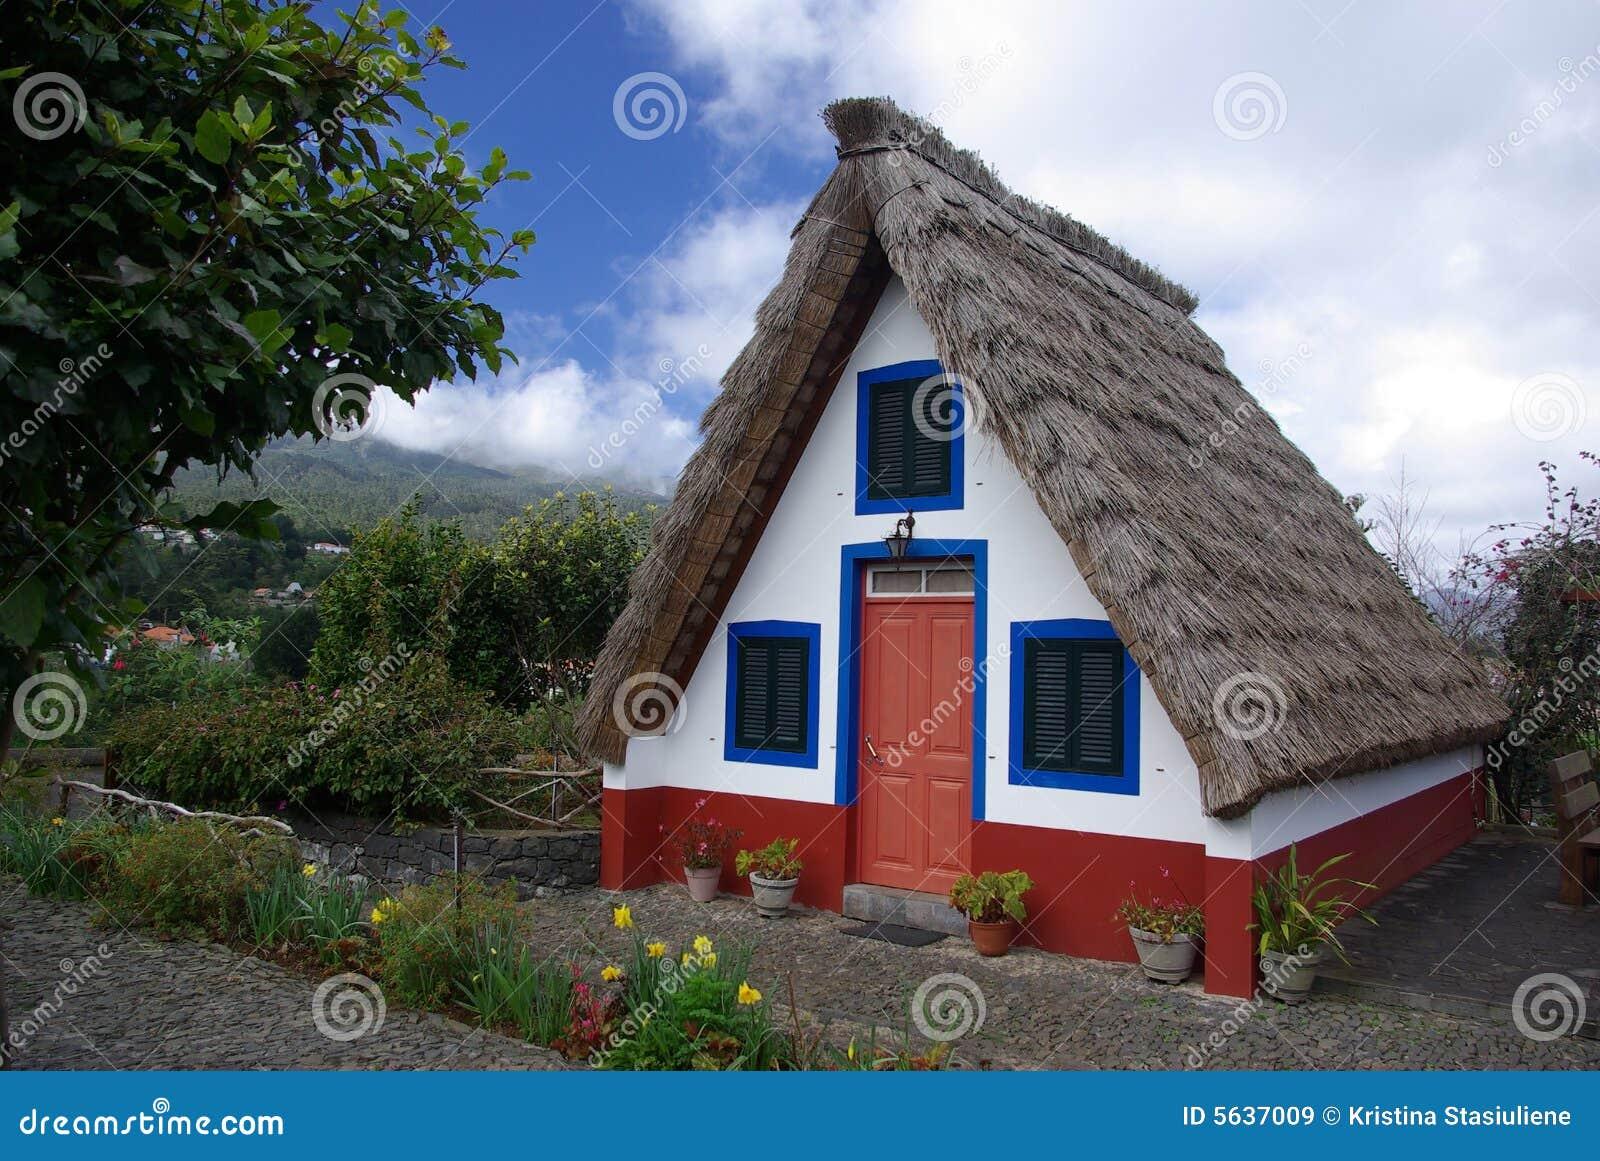 Typisches madeira haus lizenzfreie stockbilder bild 5637009 for Haus in madeira